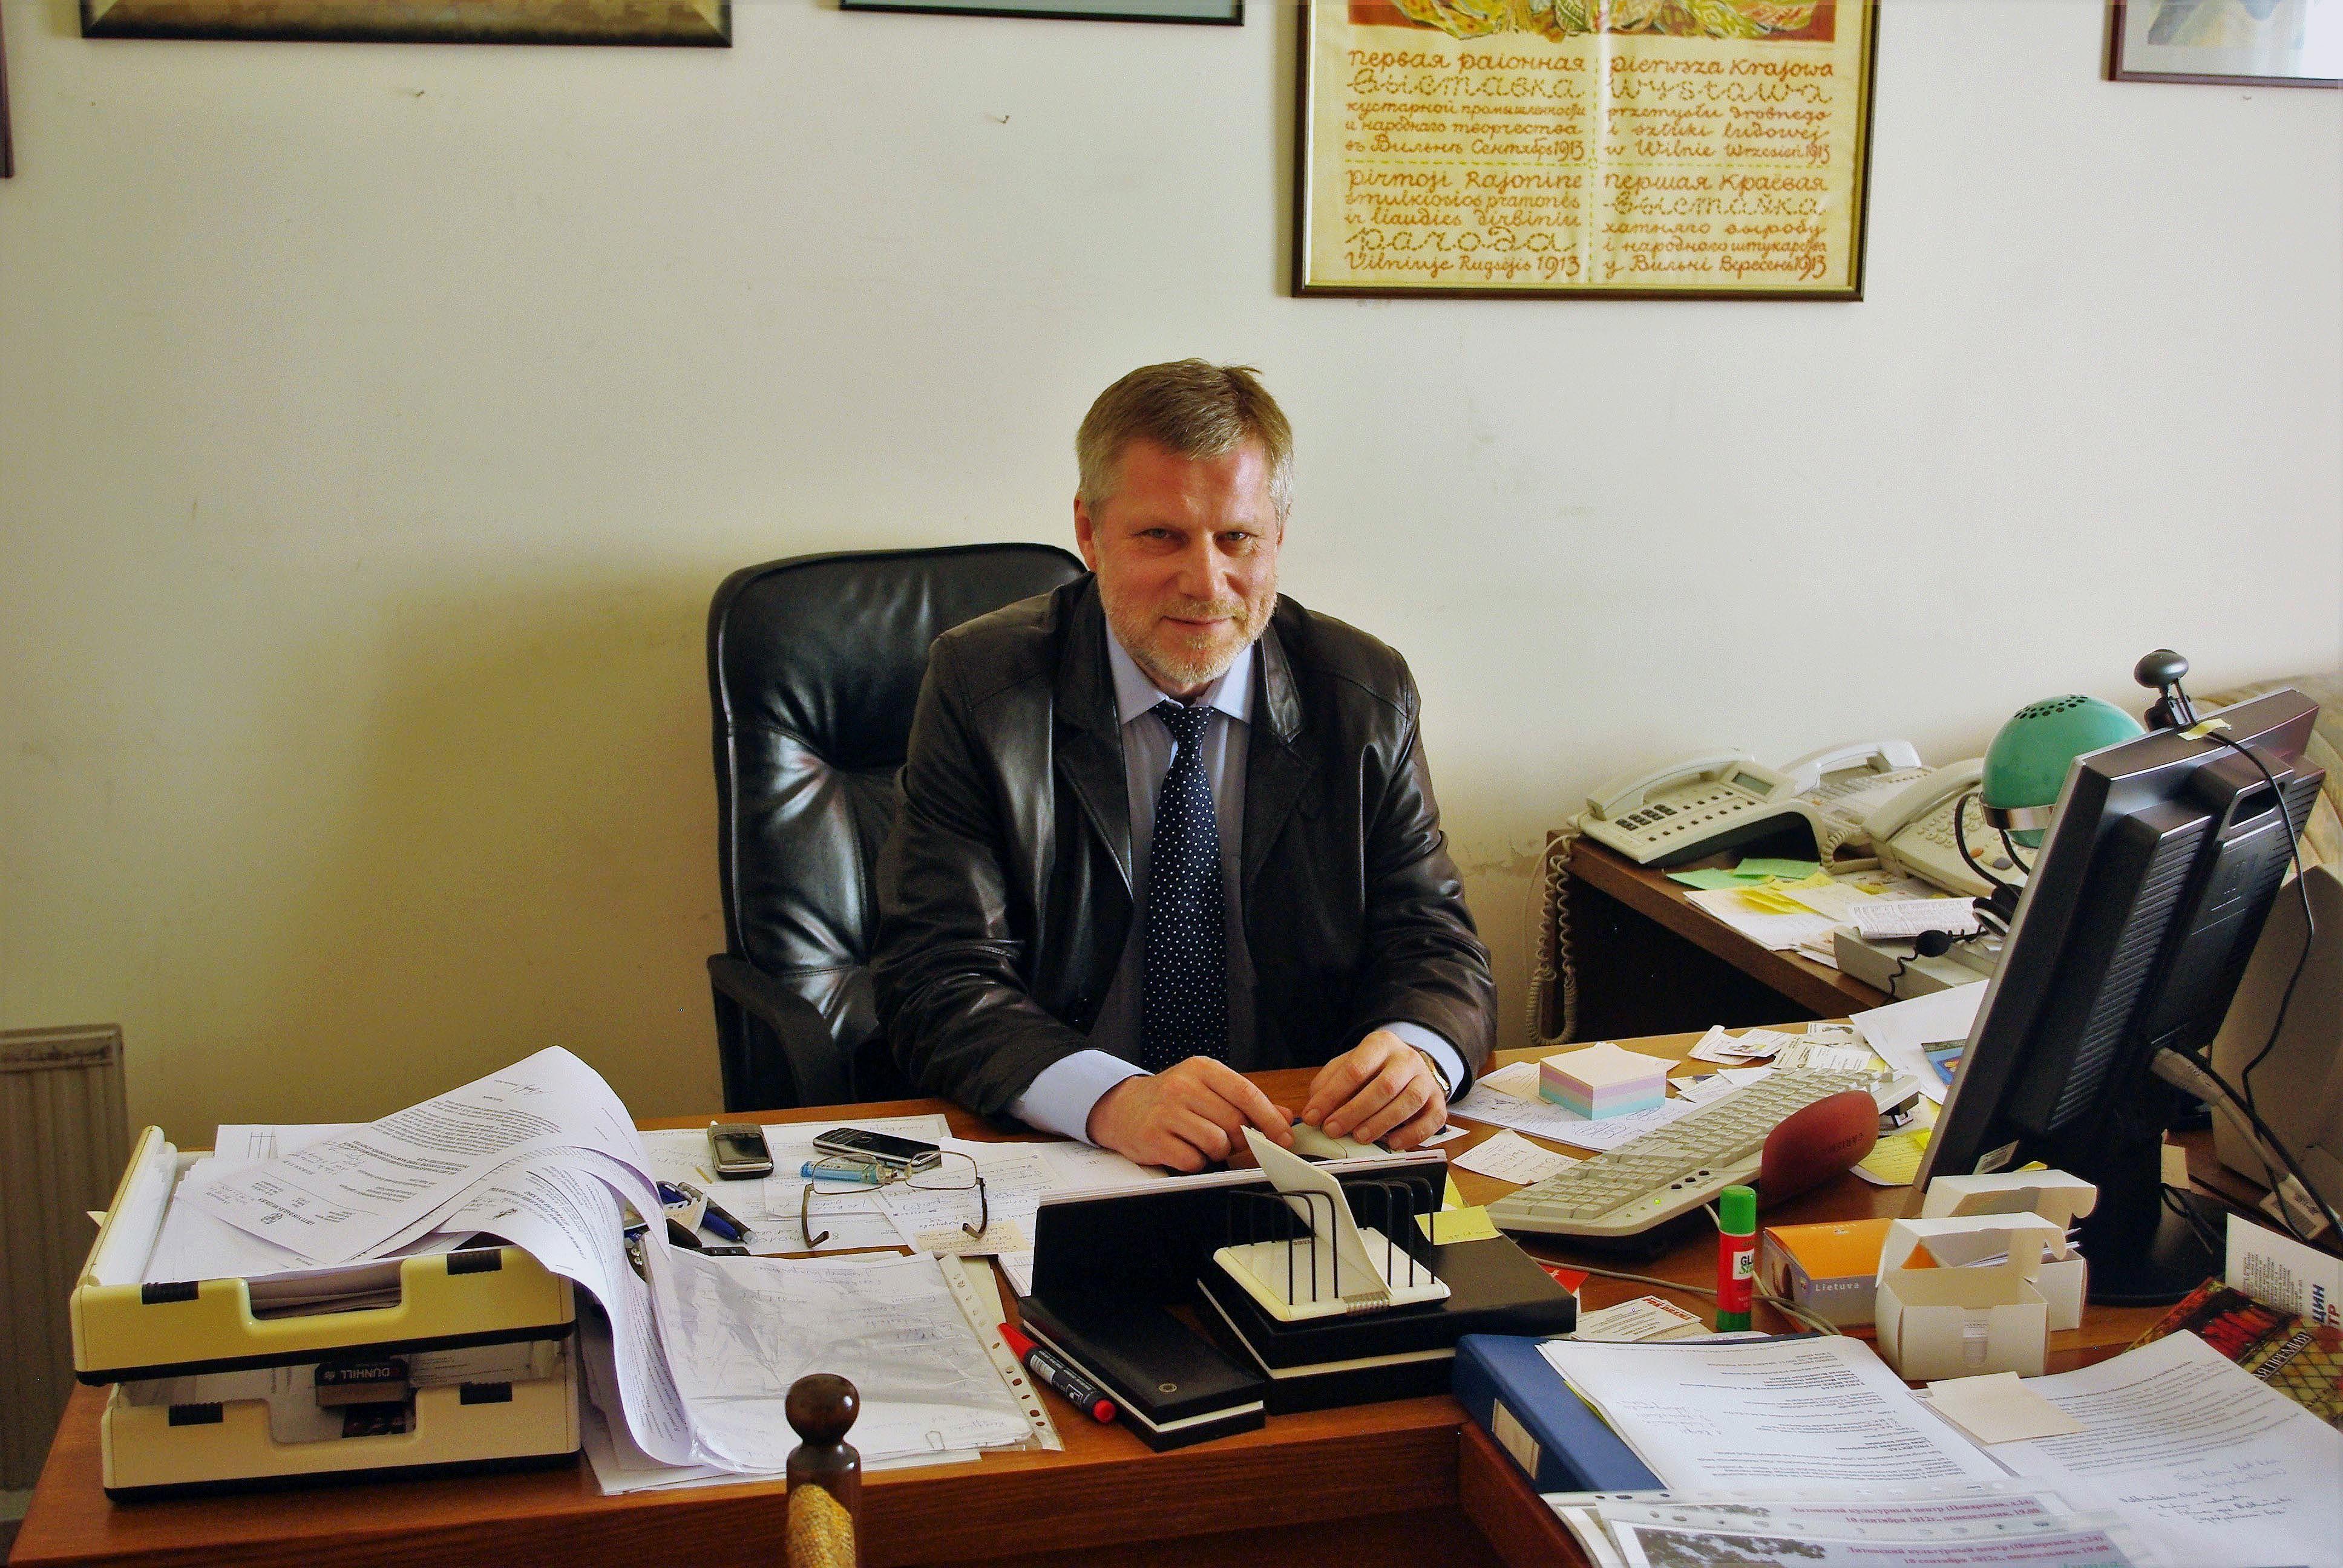 Faustas Latėnas – Lietuvos kultūros ataše, 2012 m. rugpjūčio 29 d. Maskvoje J.Baltrušaičio namuose savo darbo kambaryje | Alkas.lt, J. Vaiškūno nuotr.